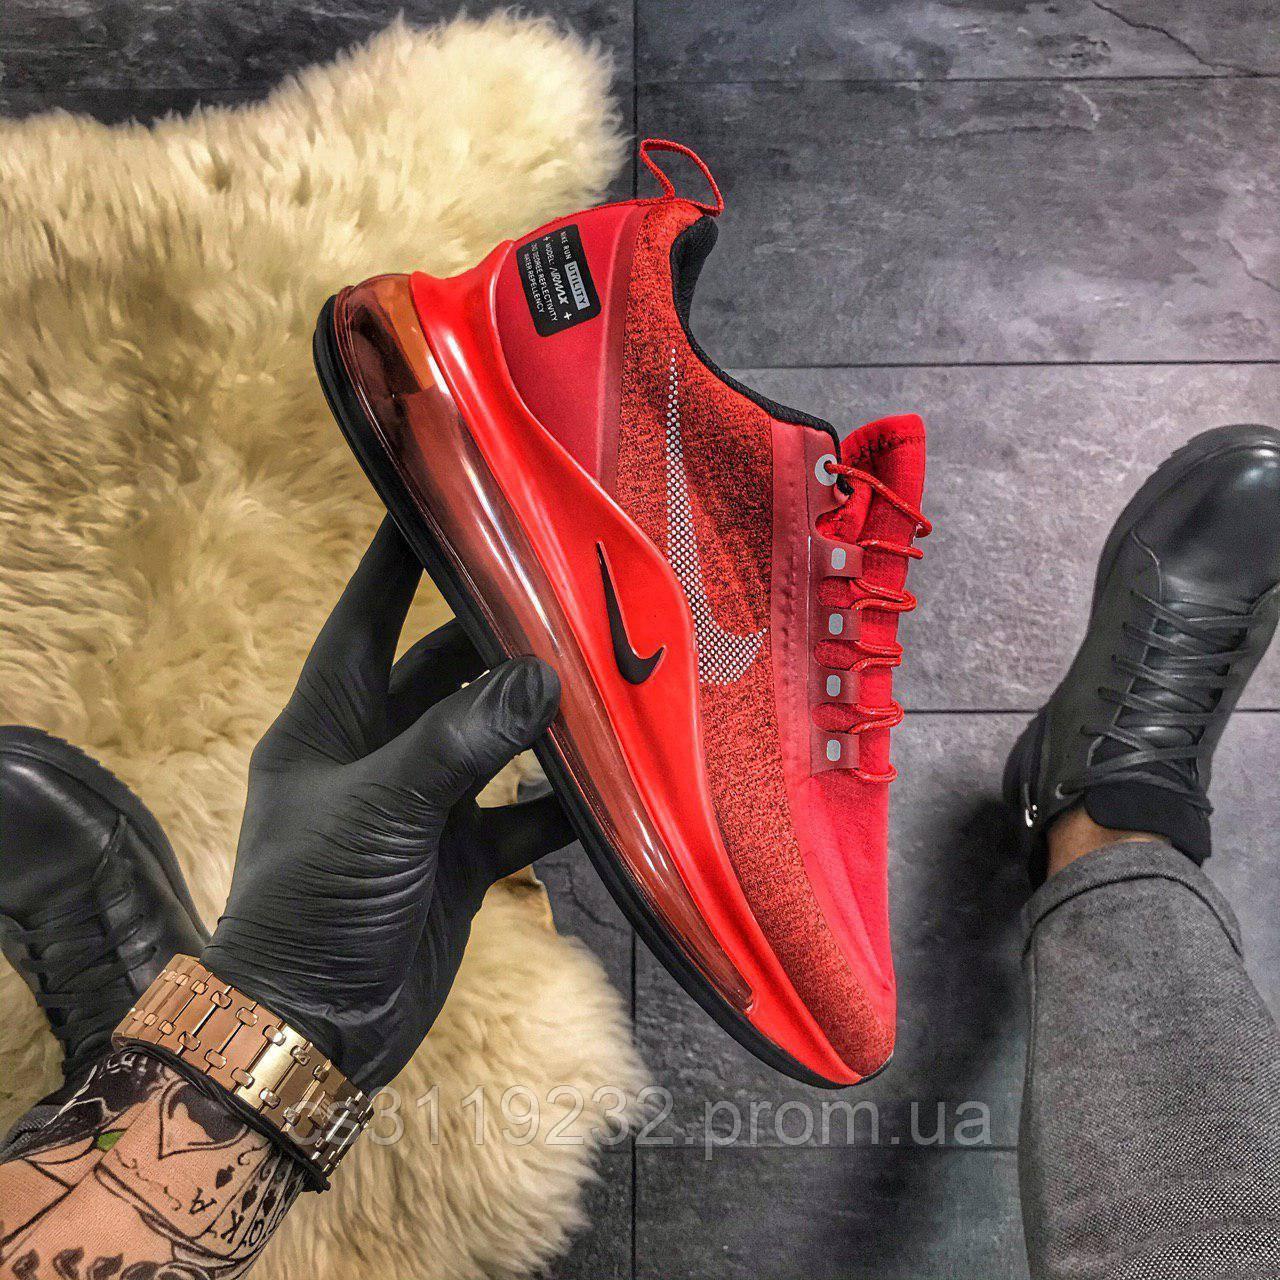 Мужские кроссовки Nike Air Max 720 Red (красные)